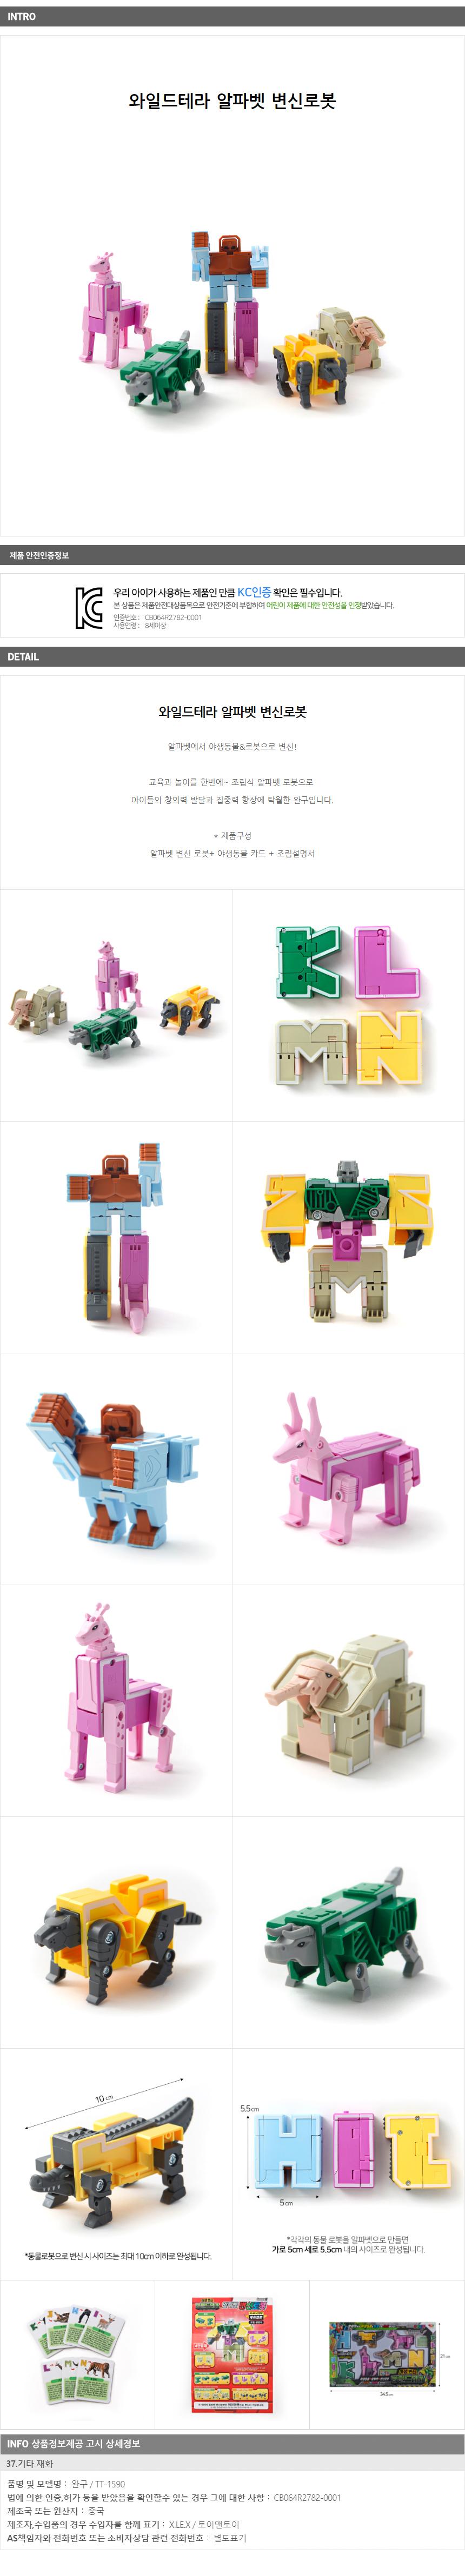 알파벳 변신로봇/합체로봇 로보트 레고 - 기프트갓, 18,060원, 장난감, 장난감